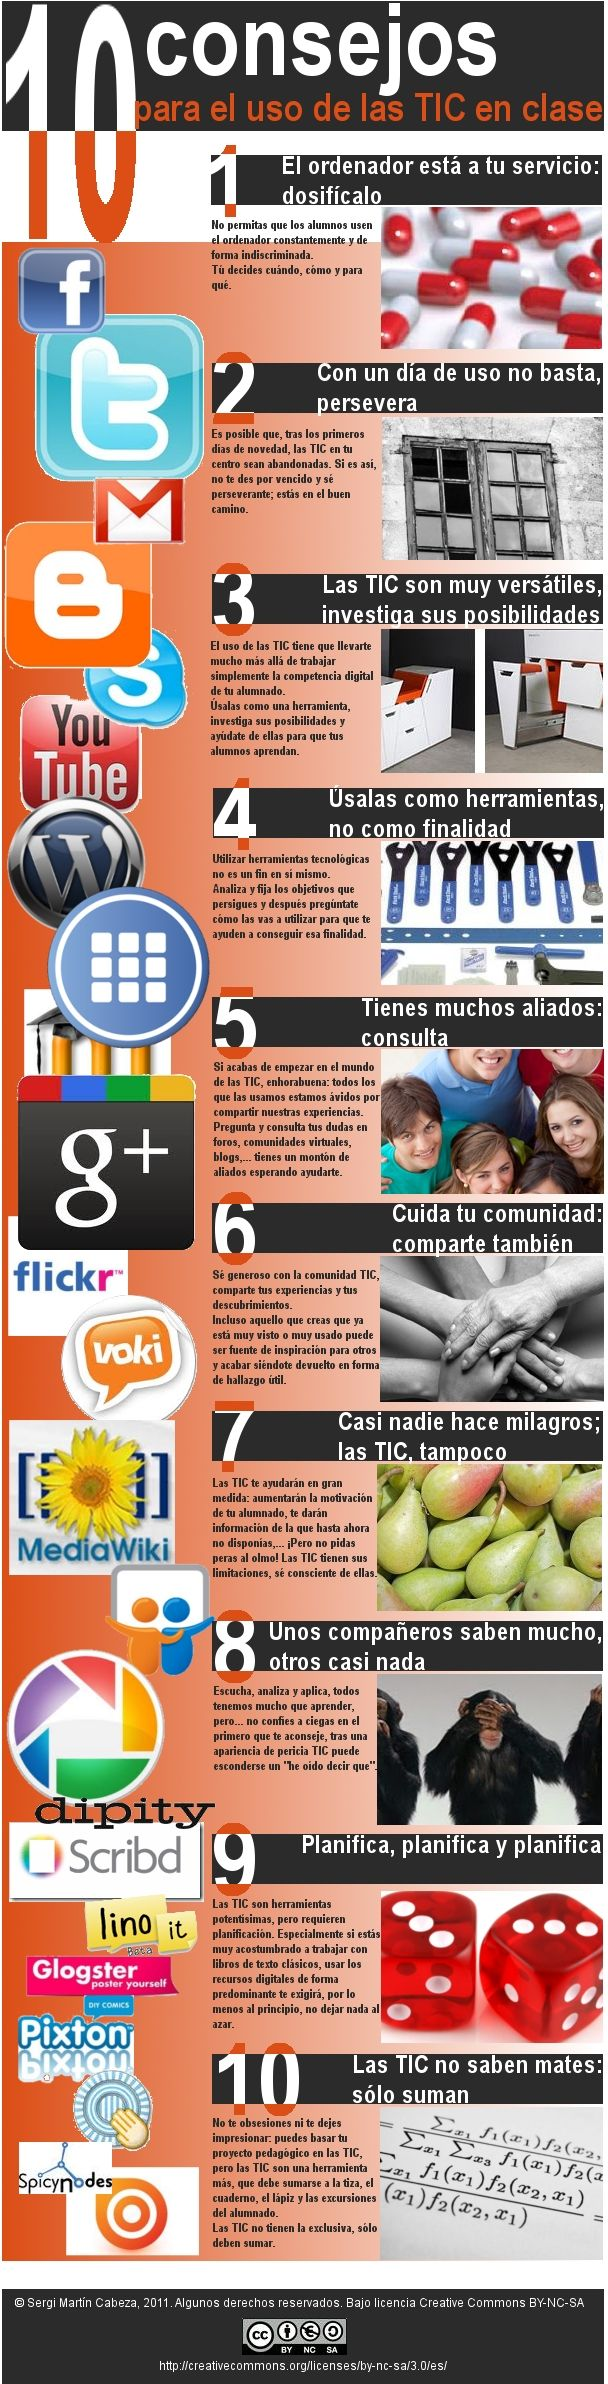 10 consejos para el uso de las TIC en clase #infografia #education